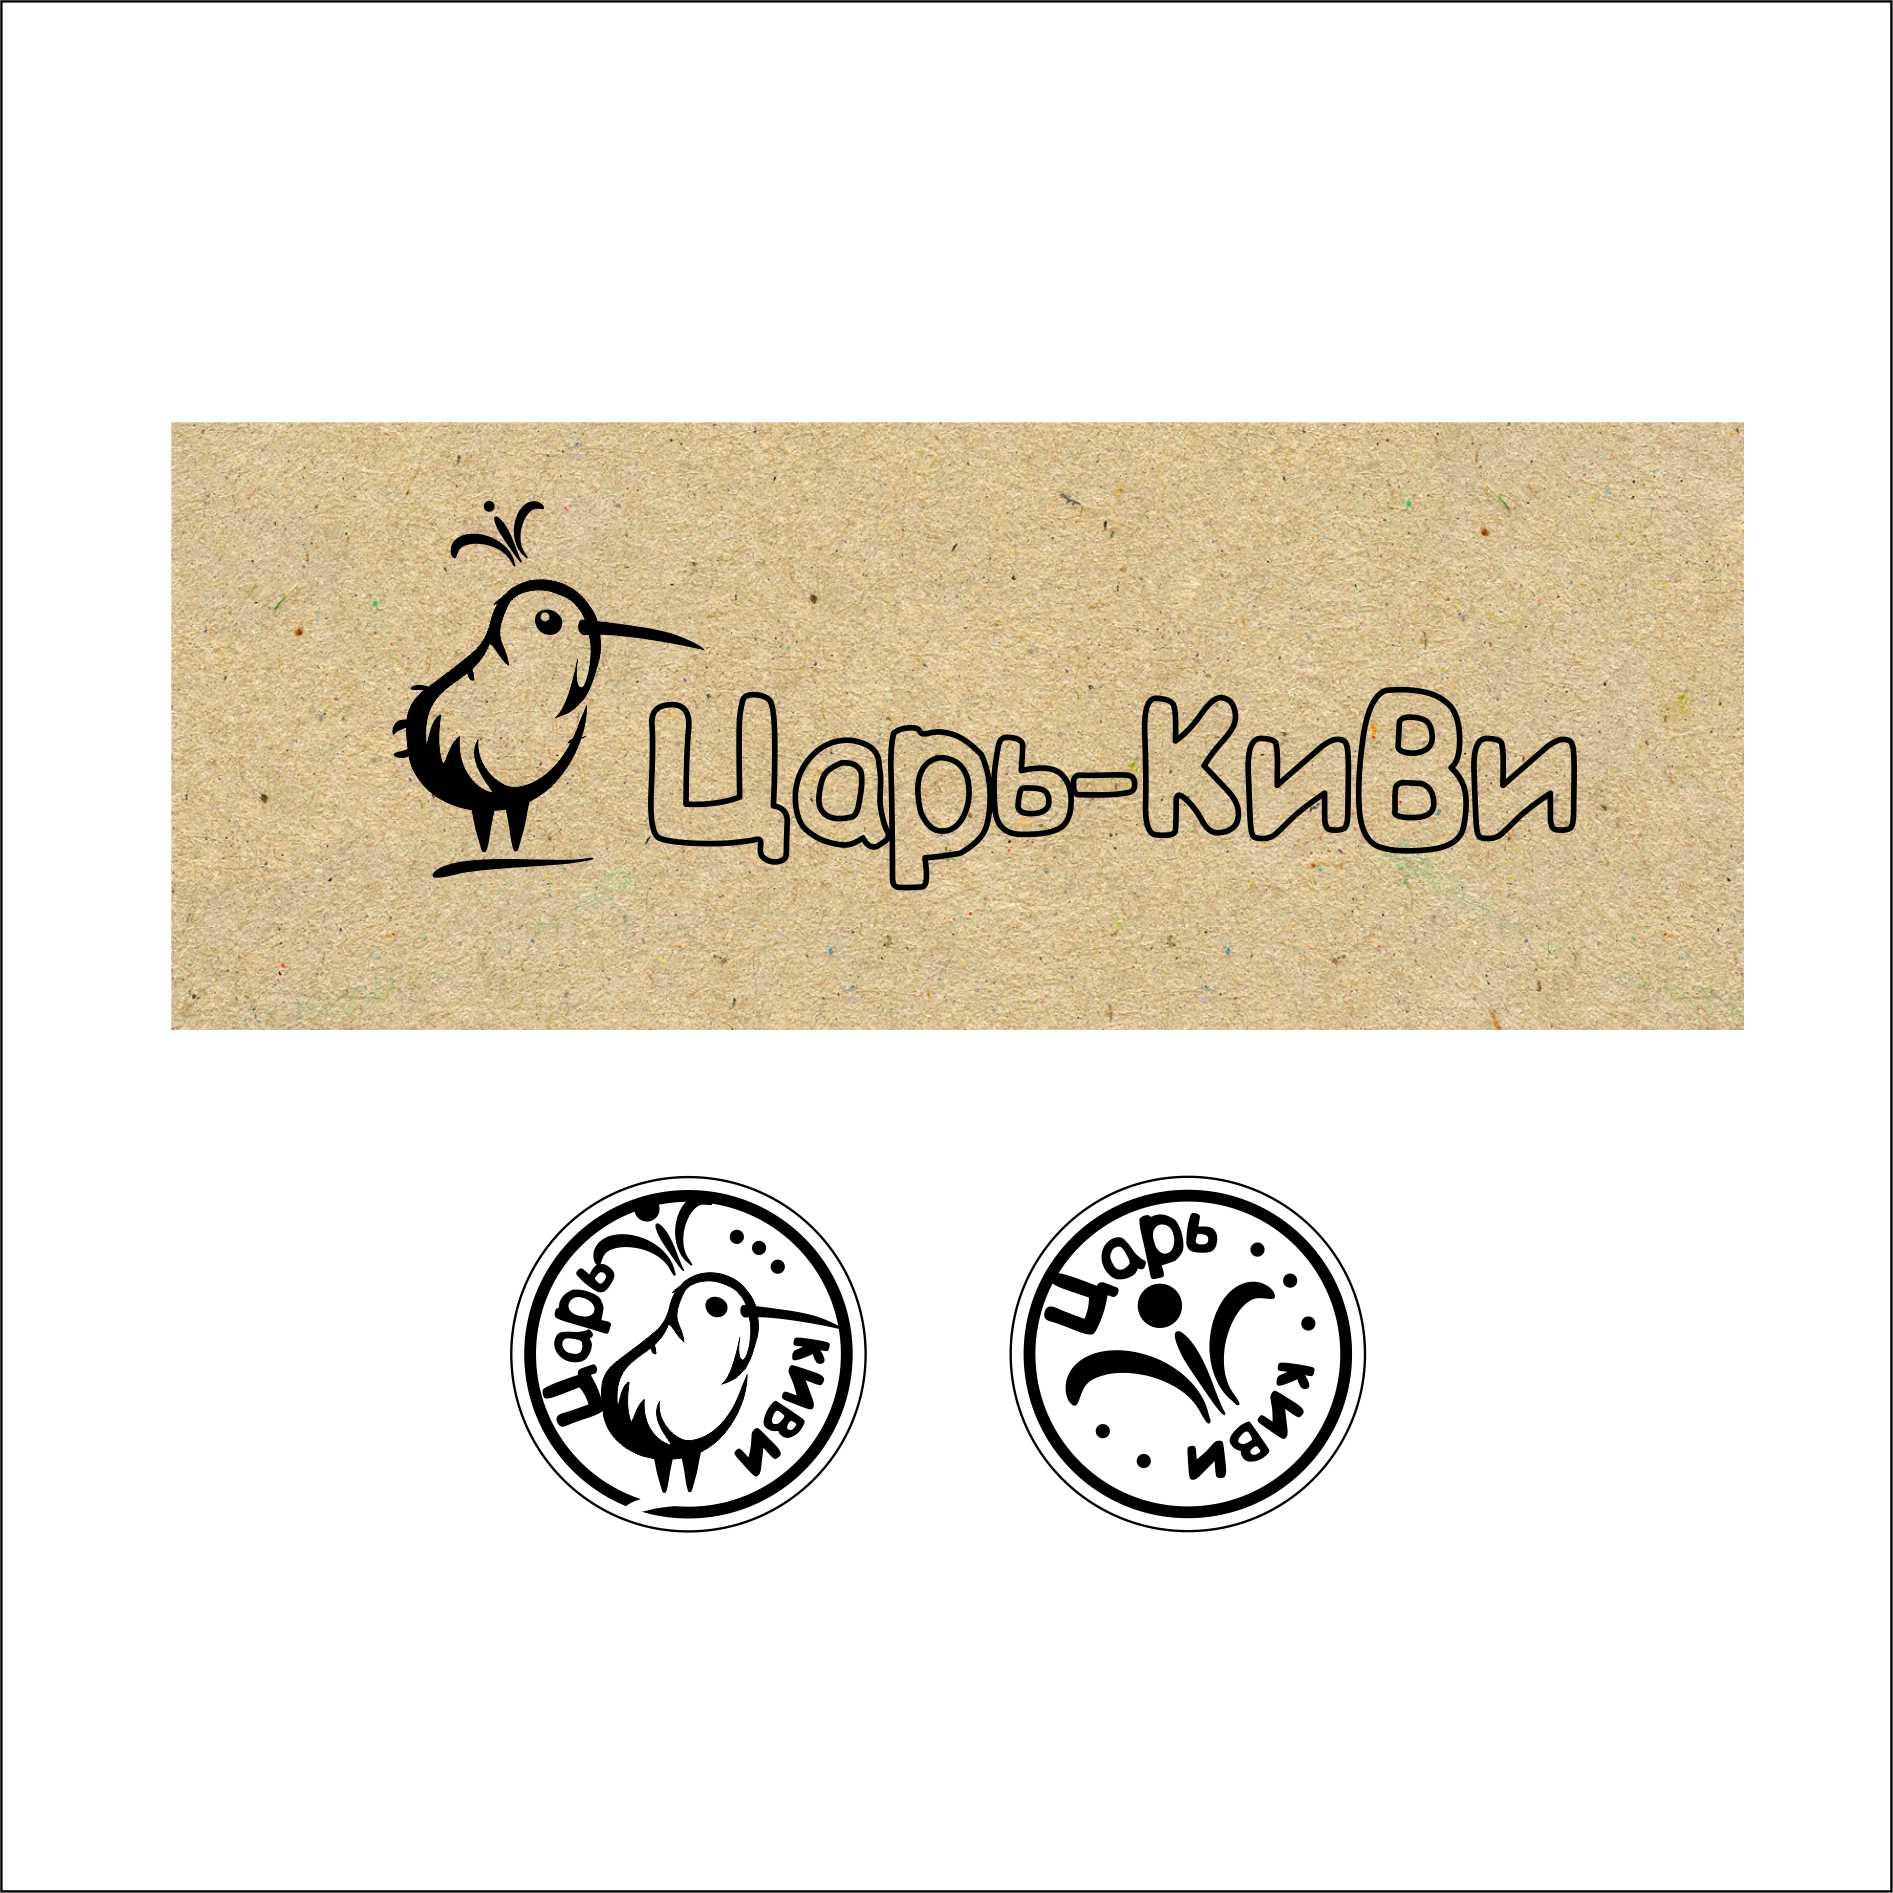 """Доработать дизайн логотипа кафе-кондитерской """"Царь-Киви"""" фото f_2725a04629b0619a.jpg"""